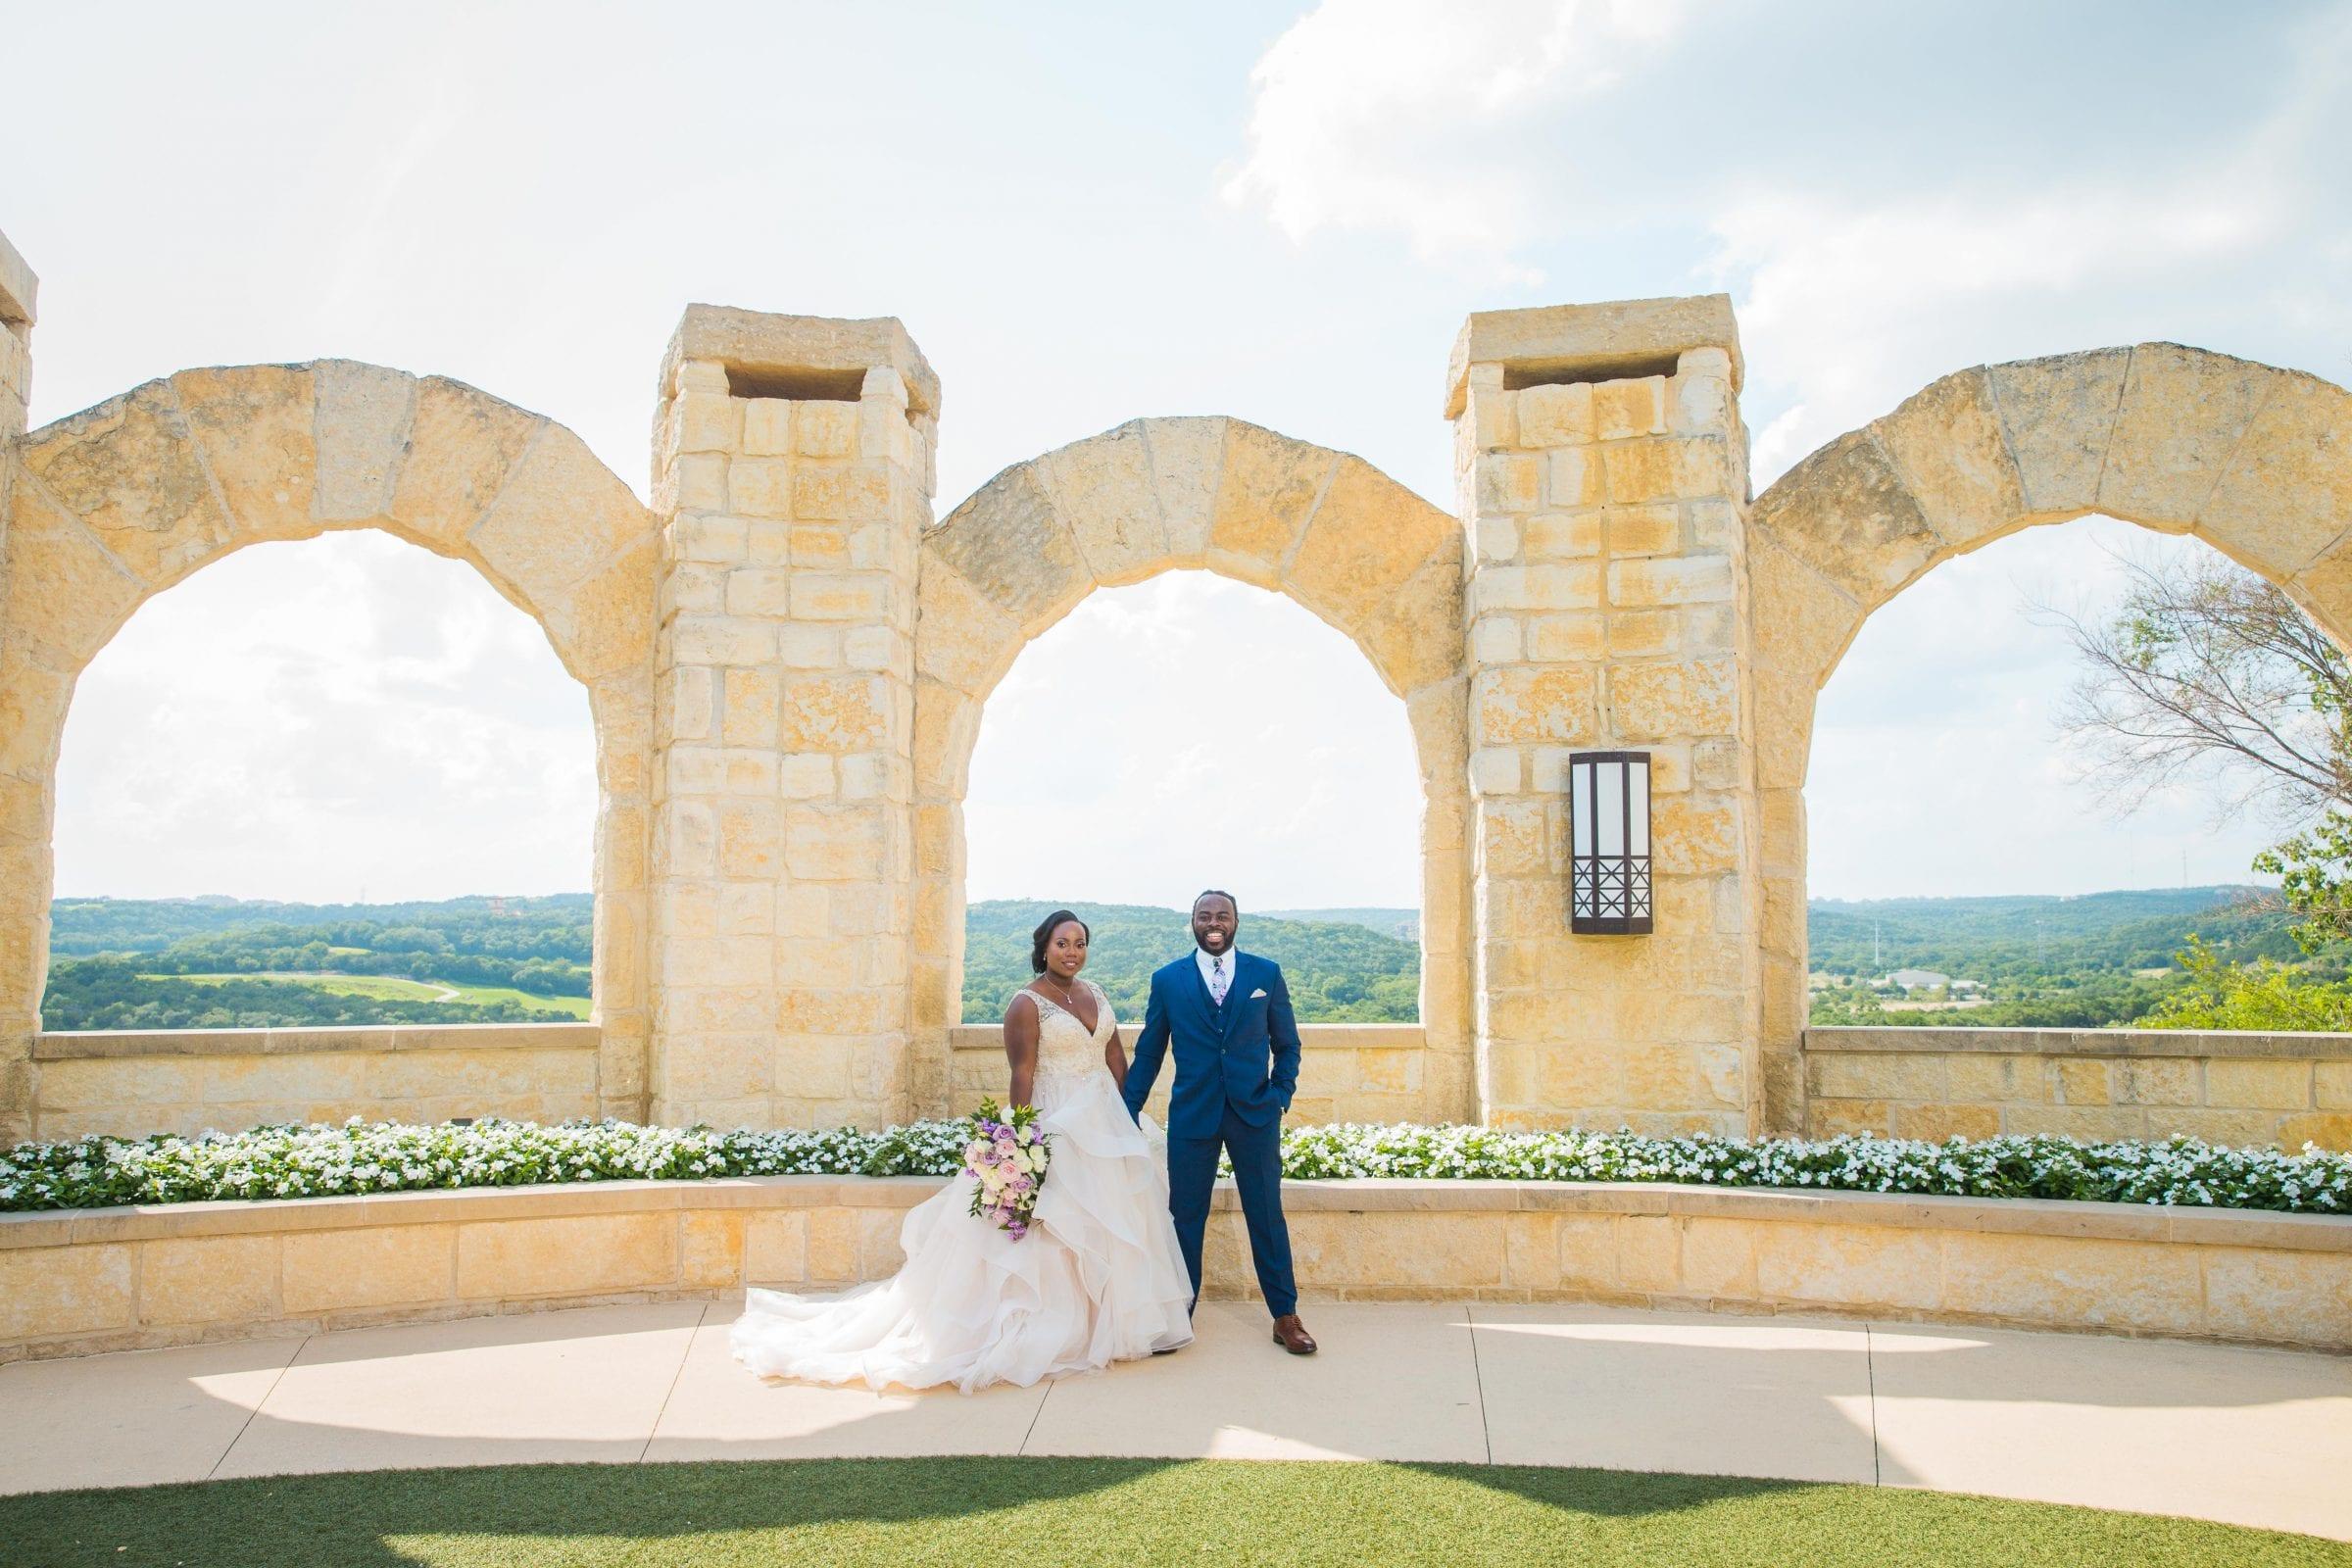 Onyema wedding La Cantera full arches